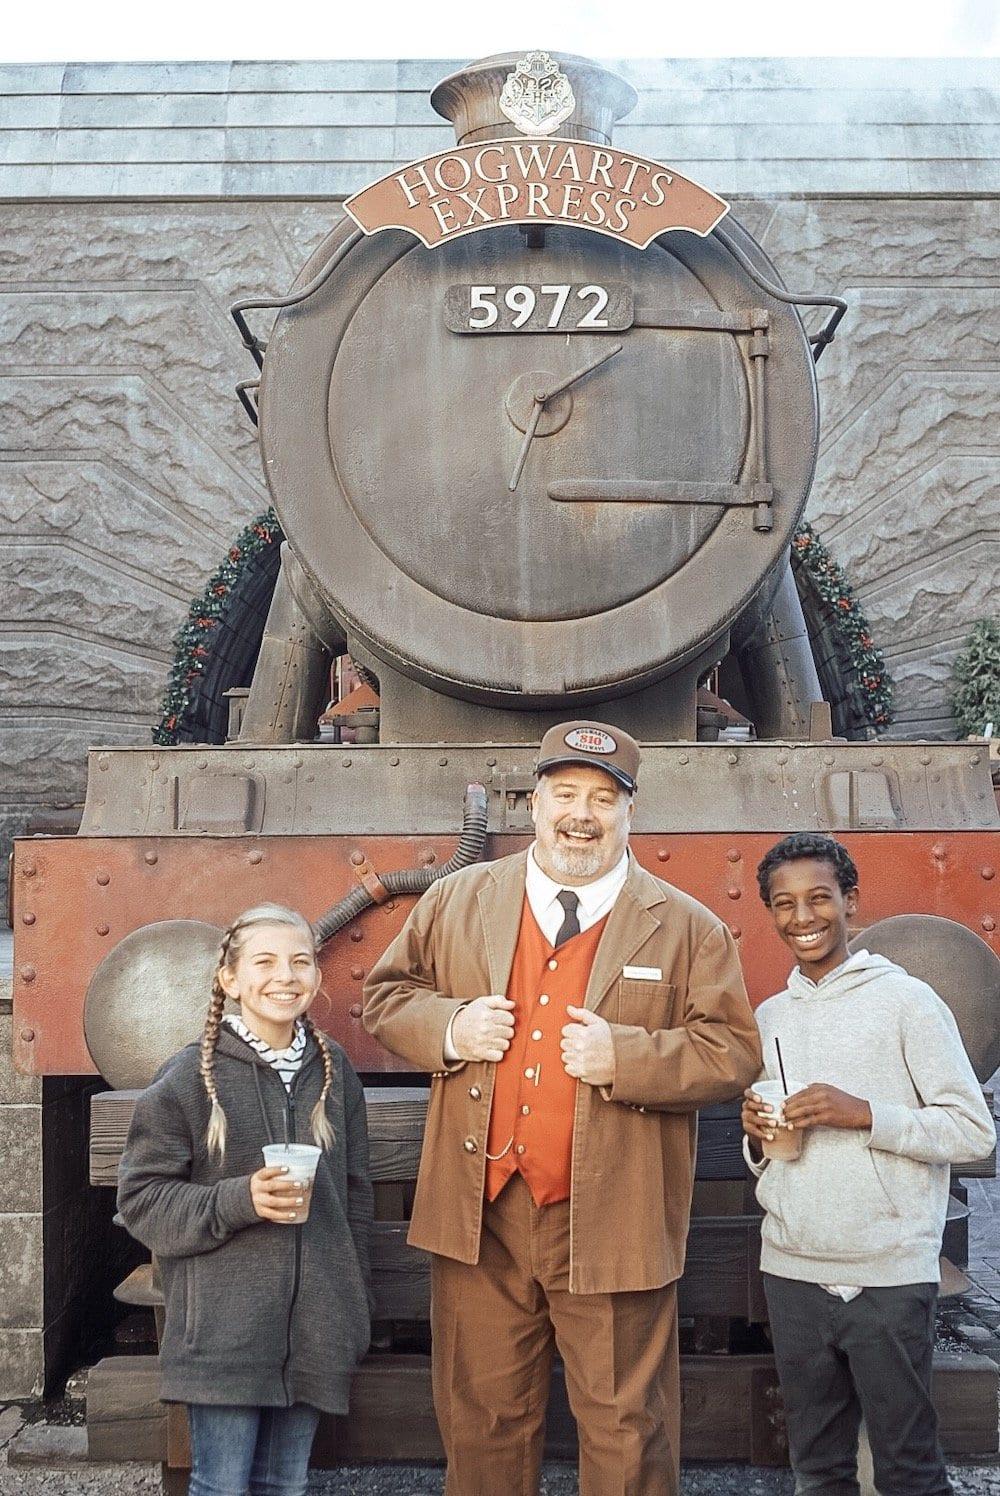 Universal Studios Hogwart's Express